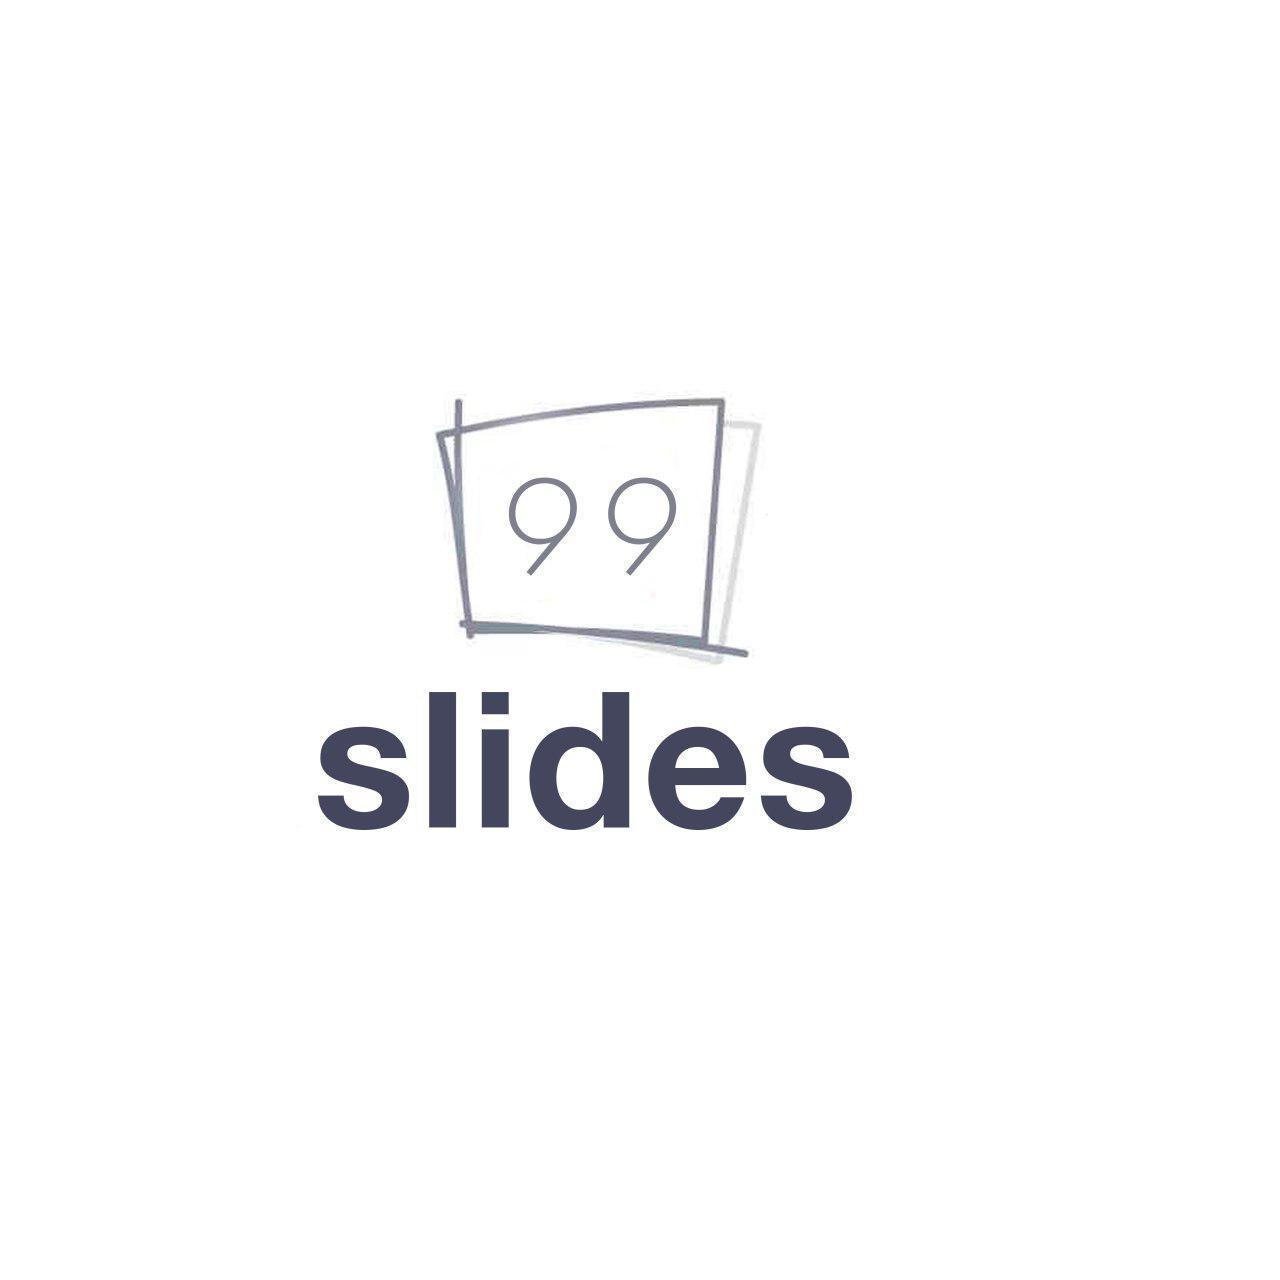 99slides